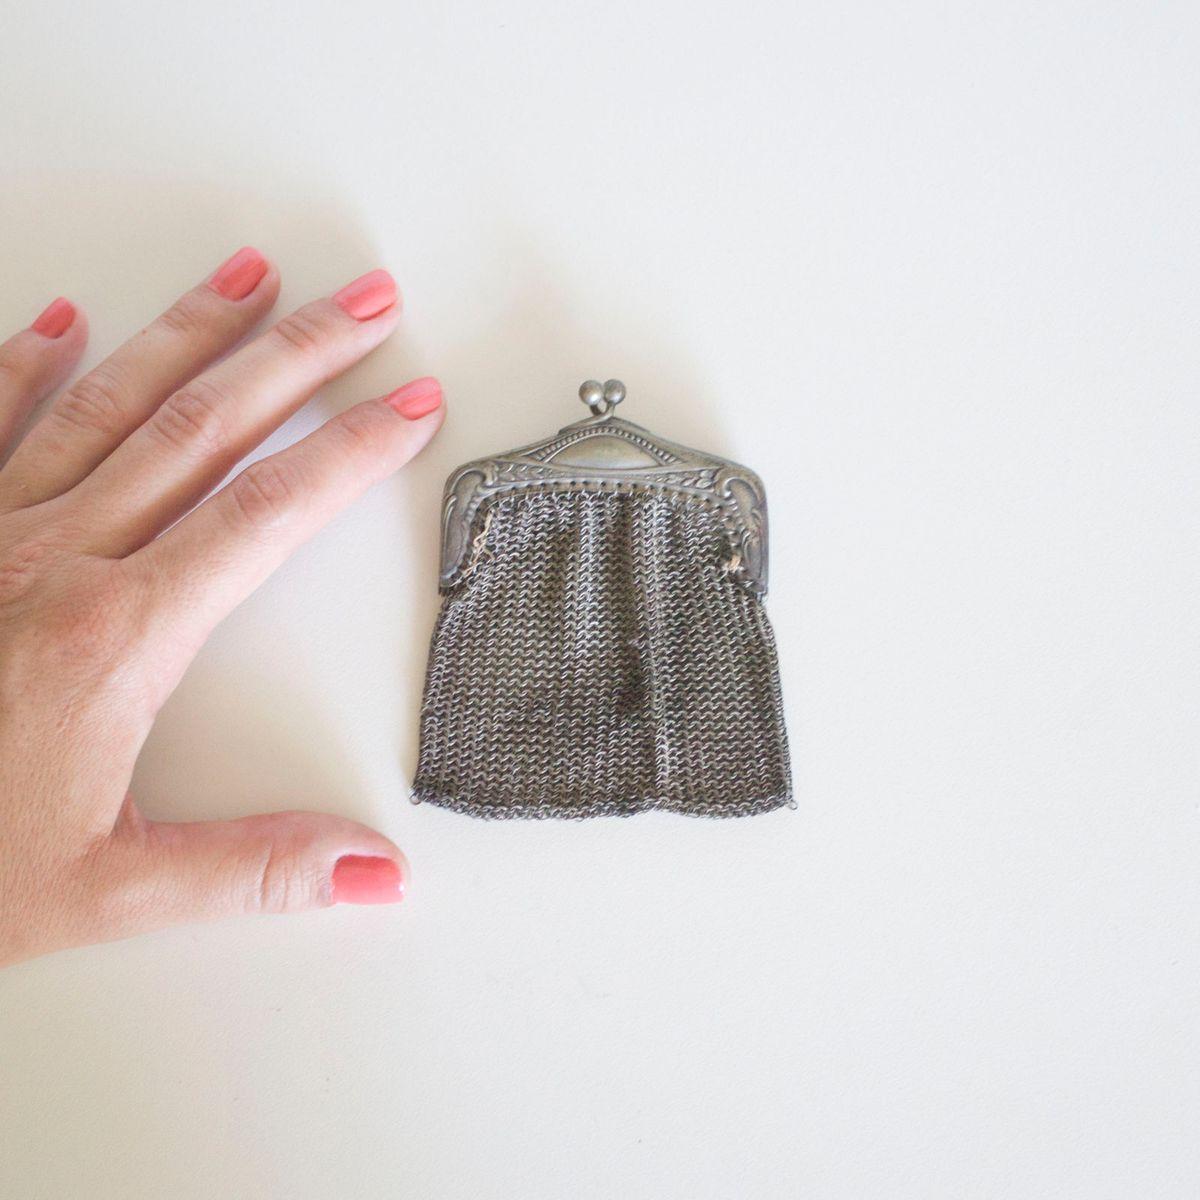 mini bolsa antiga de metal - jóias sem marca